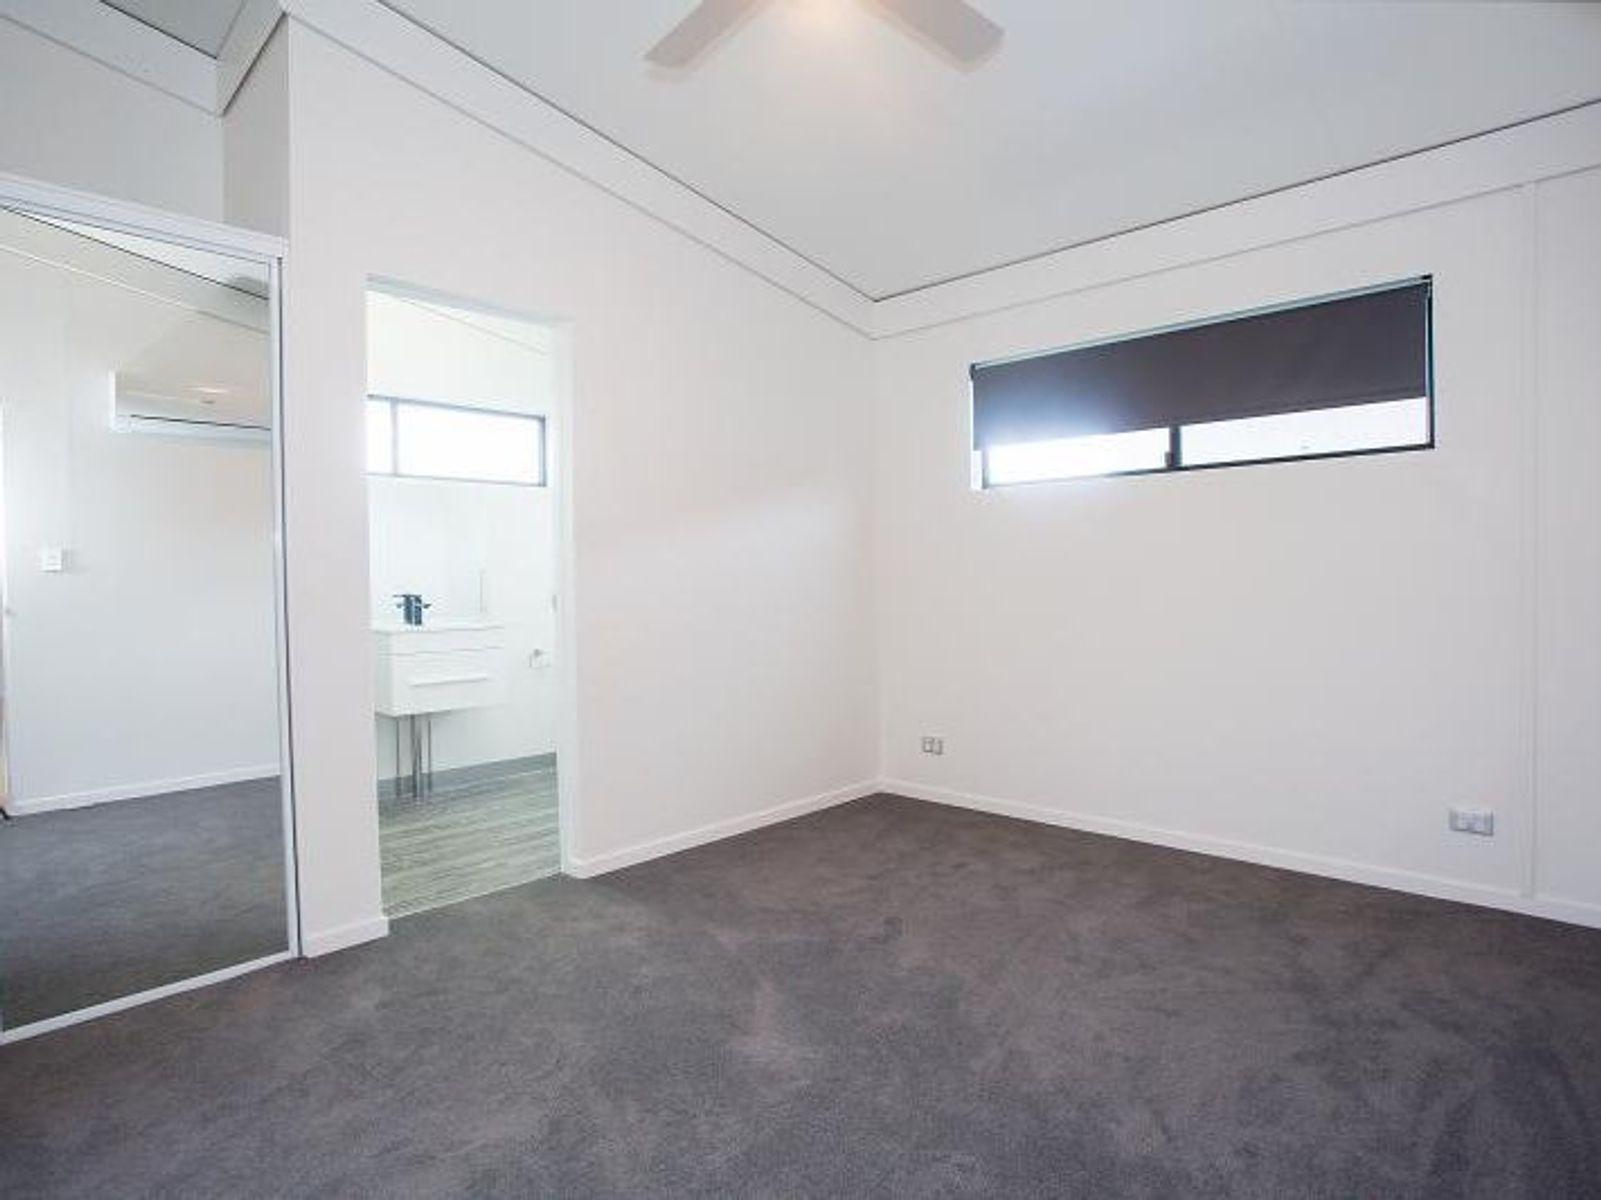 1/51 Kemmis Street, Nebo, QLD 4742